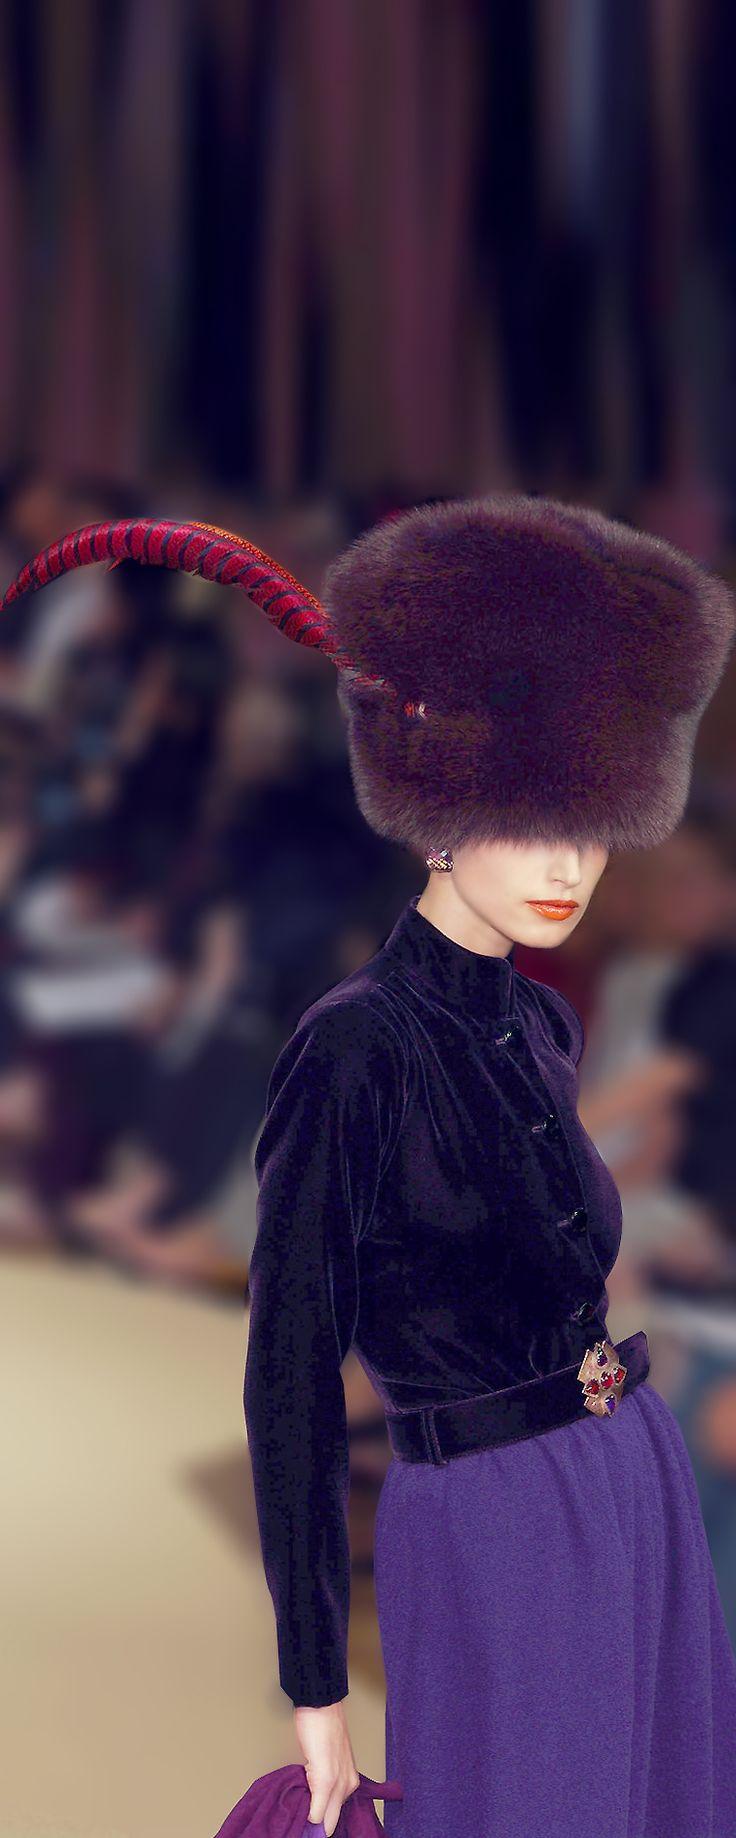 2000-01 - Yves Saint Laurent Couture show